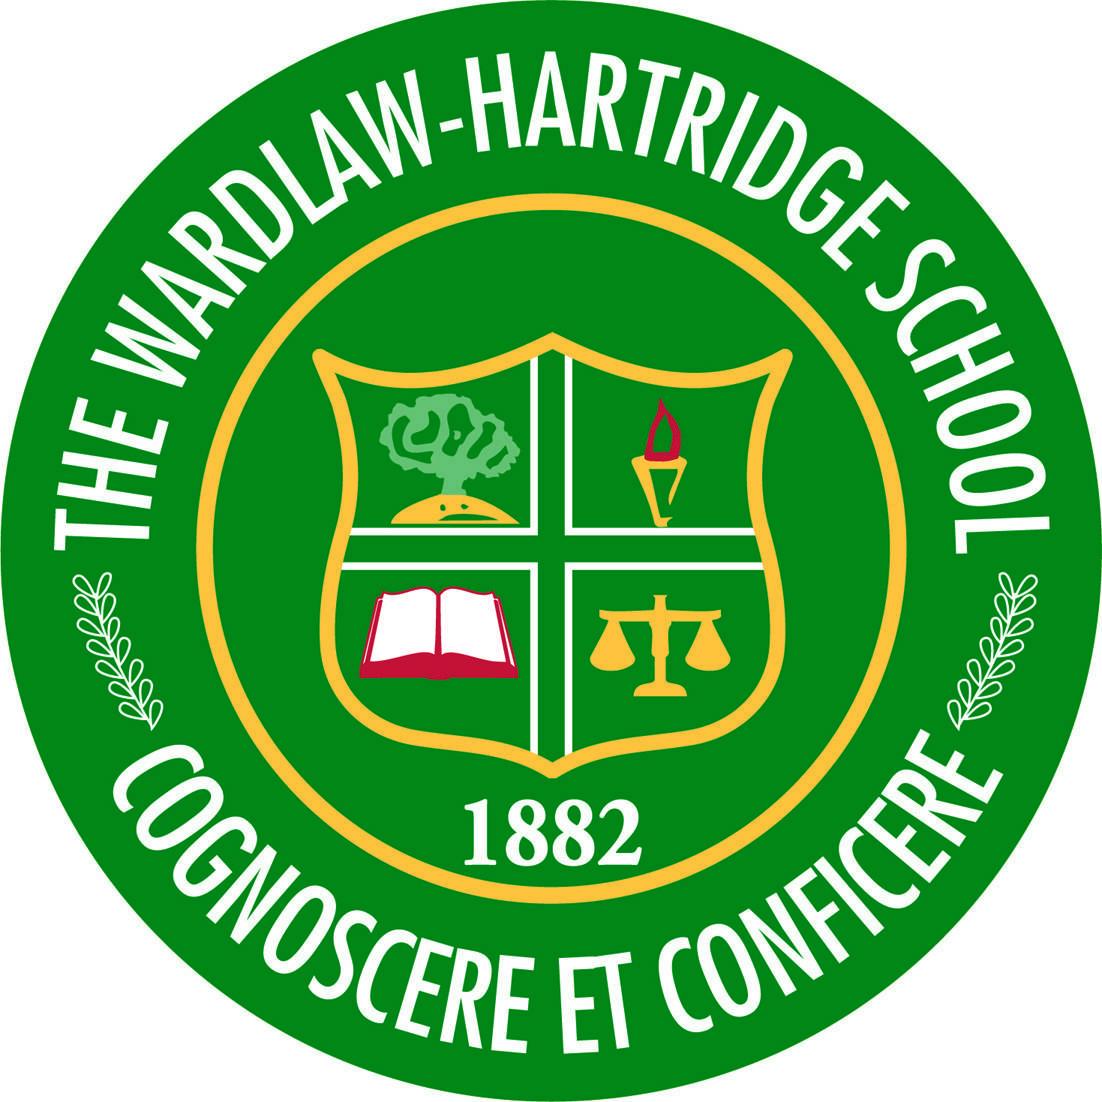 57a0379349a31b20fb44_Wardlaw_Hartridge_logo.jpg